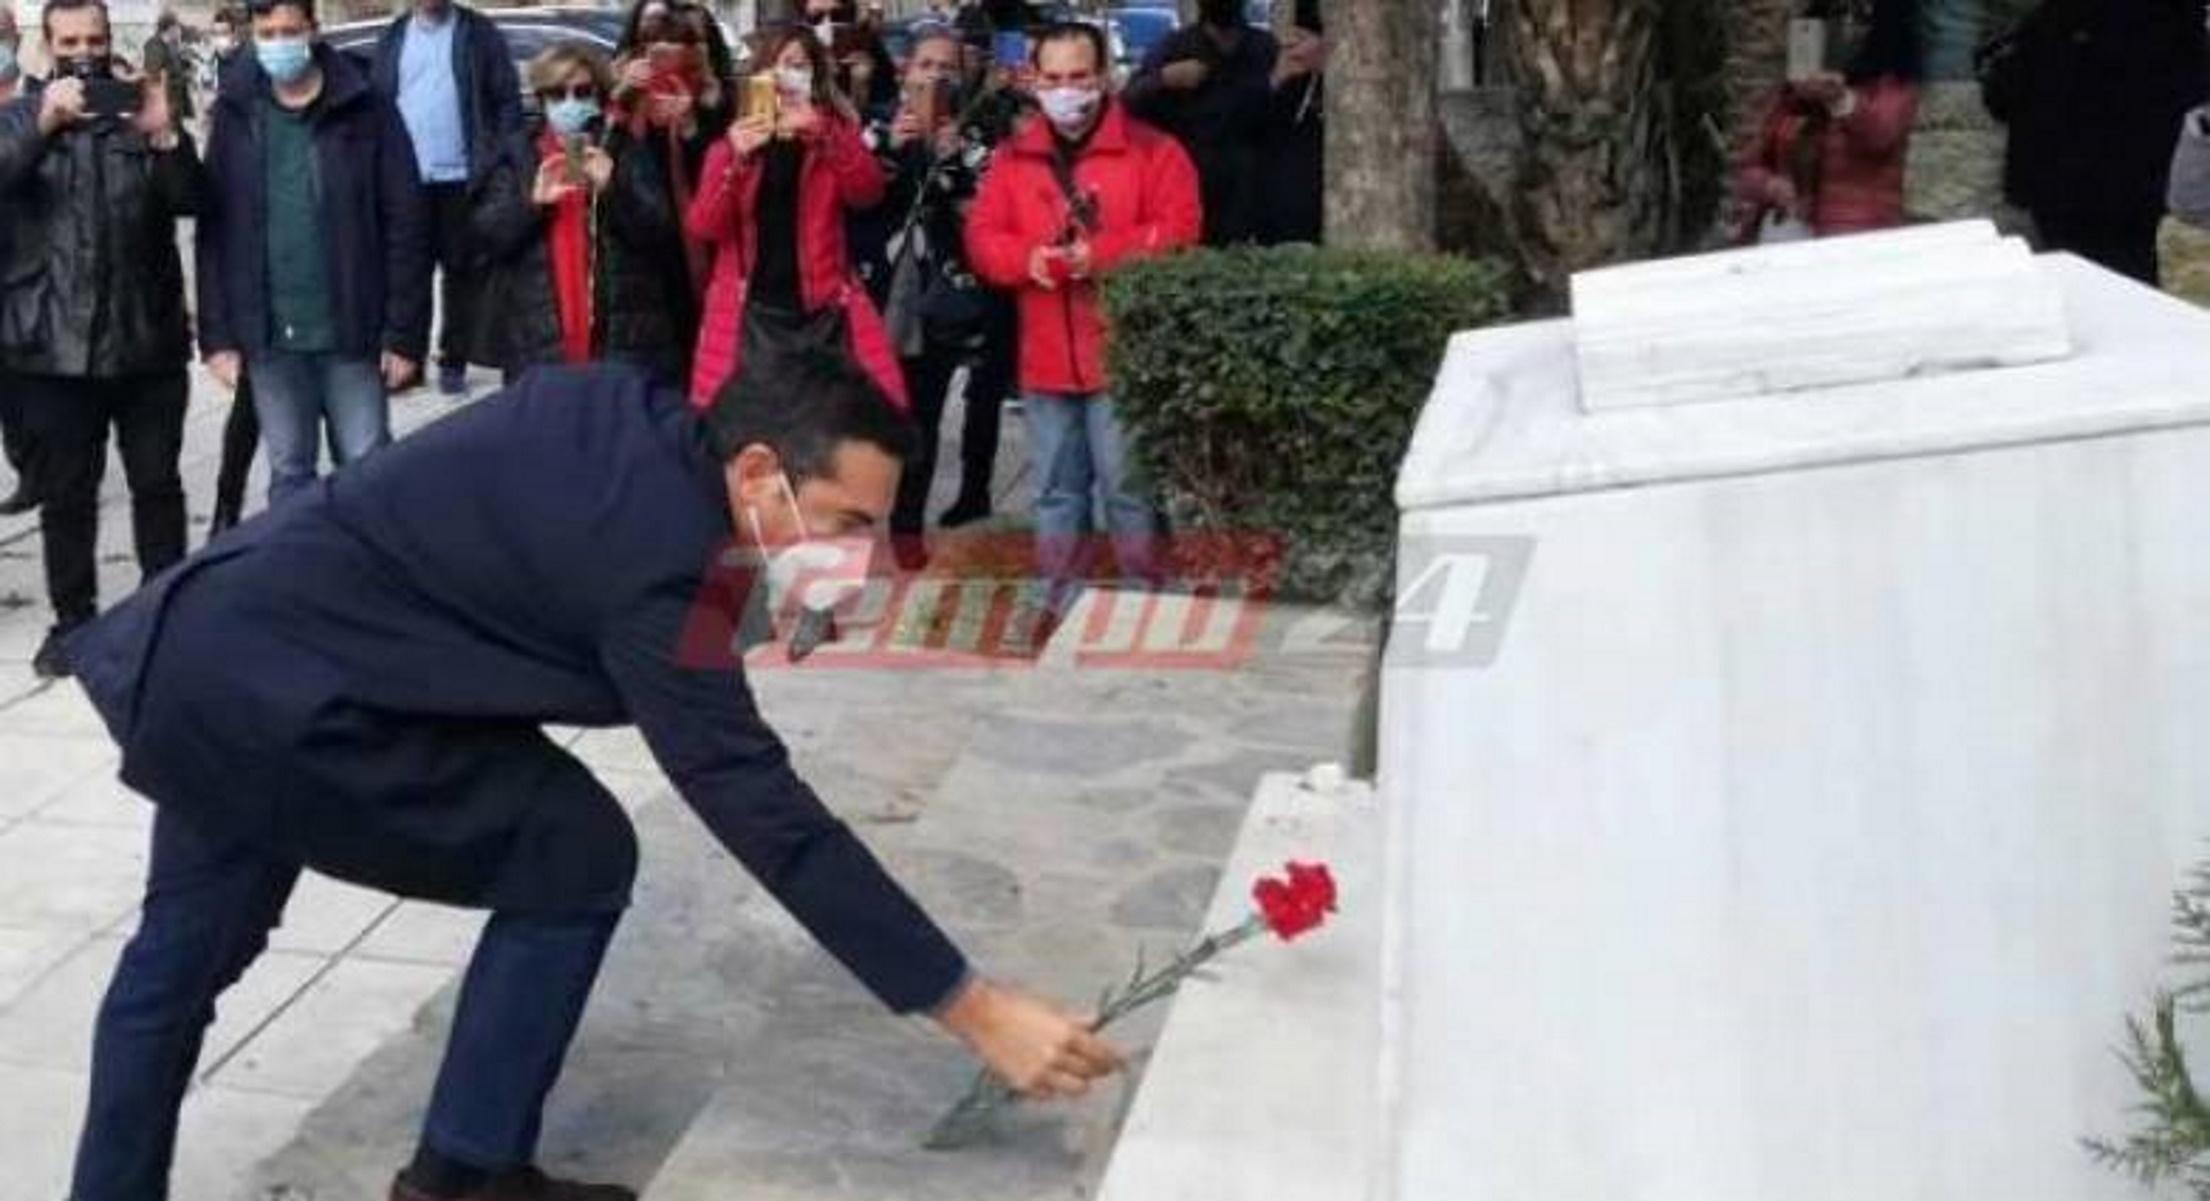 Τσίπρας: Άφησε ένα γαρύφαλλο στο μνημείο του Νίκου Τεμπονέρα – «Ανοργανωσιά στον εμβολιασμό»